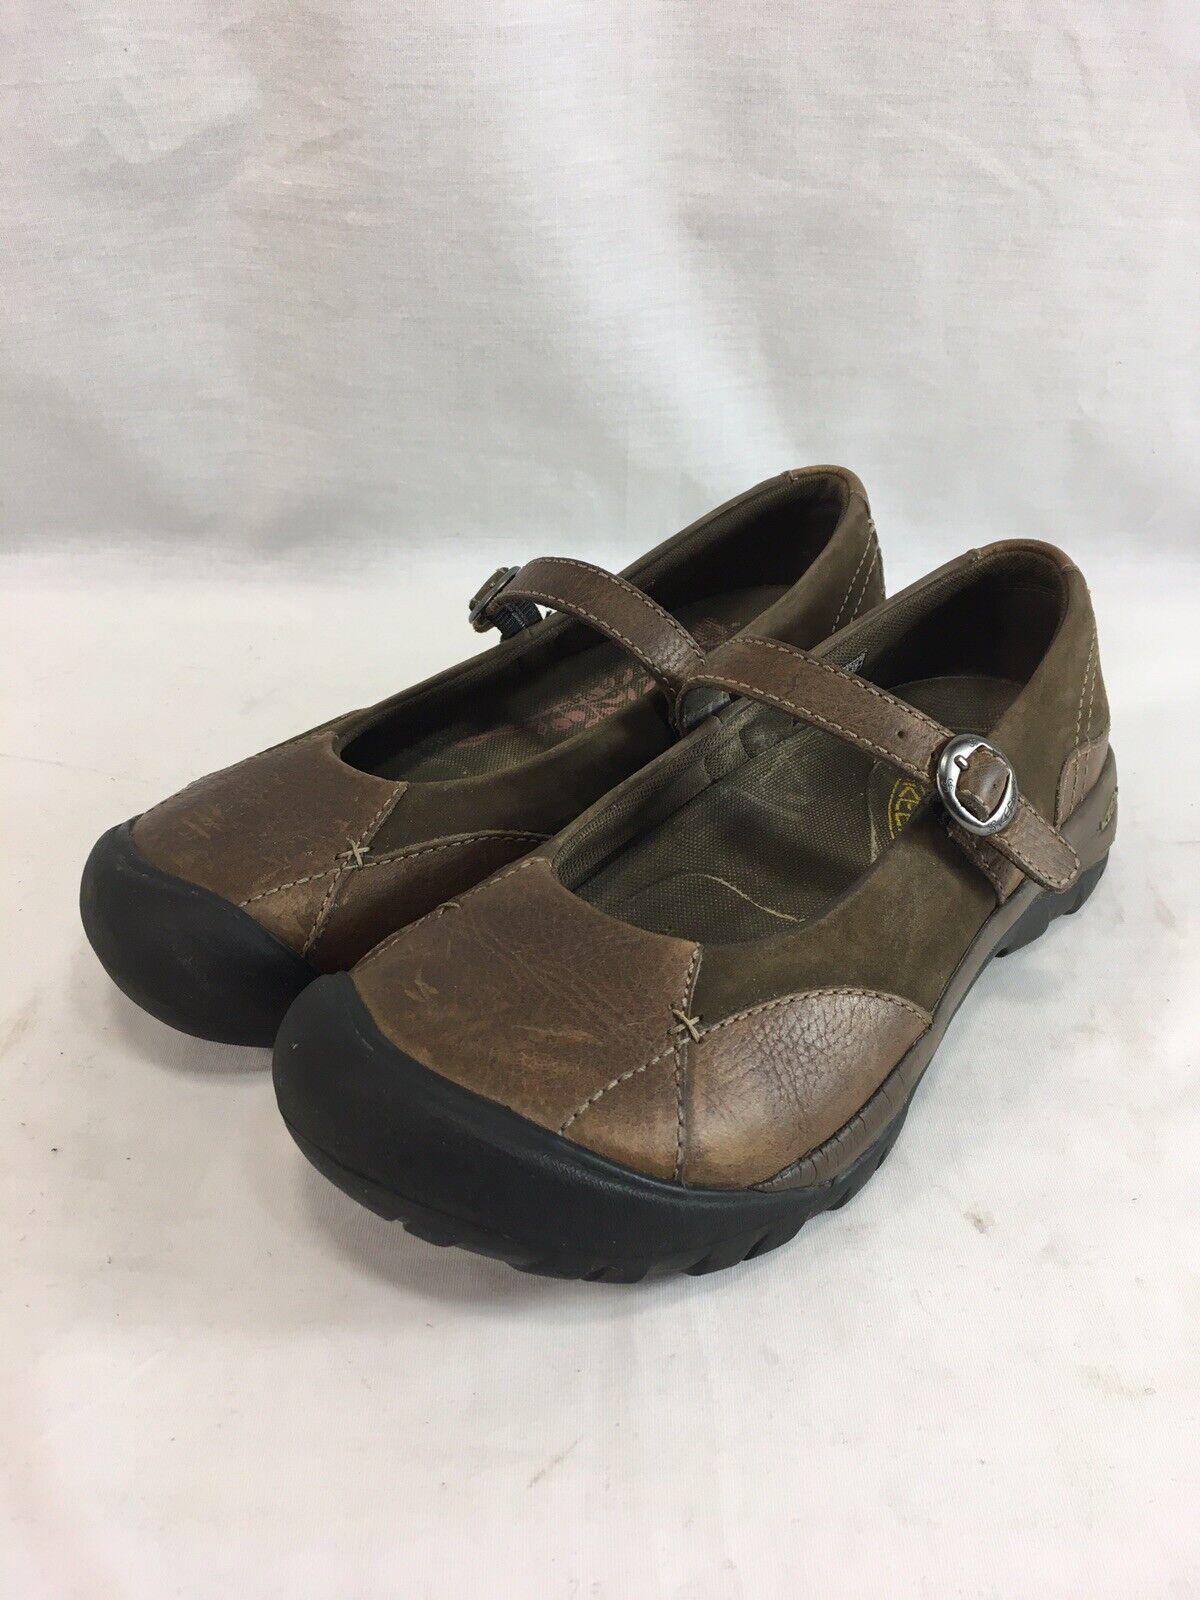 Zapatos Keen Mary Janes Para Mujer Casual Casual Casual Comfort Correa De Cuero Marrón 9  ganancia cero